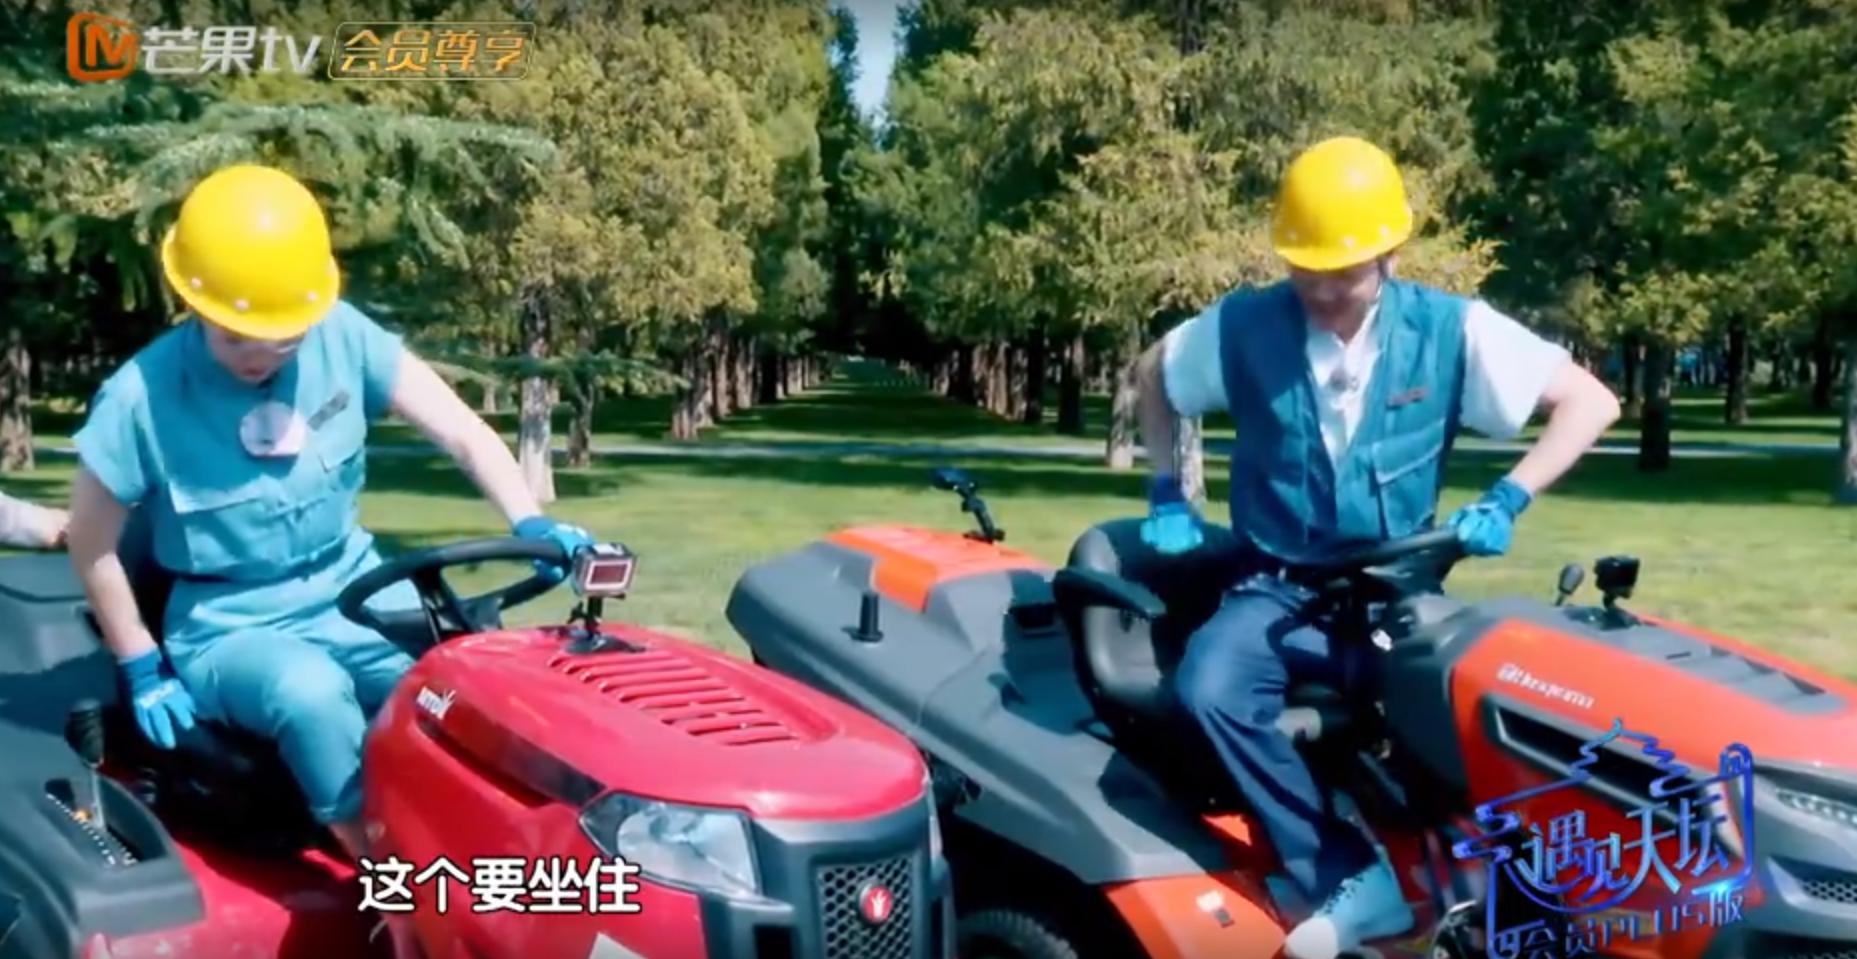 戚薇开除草车被座椅烫到,谁注意冯绍峰下意识举动网友:好贴心